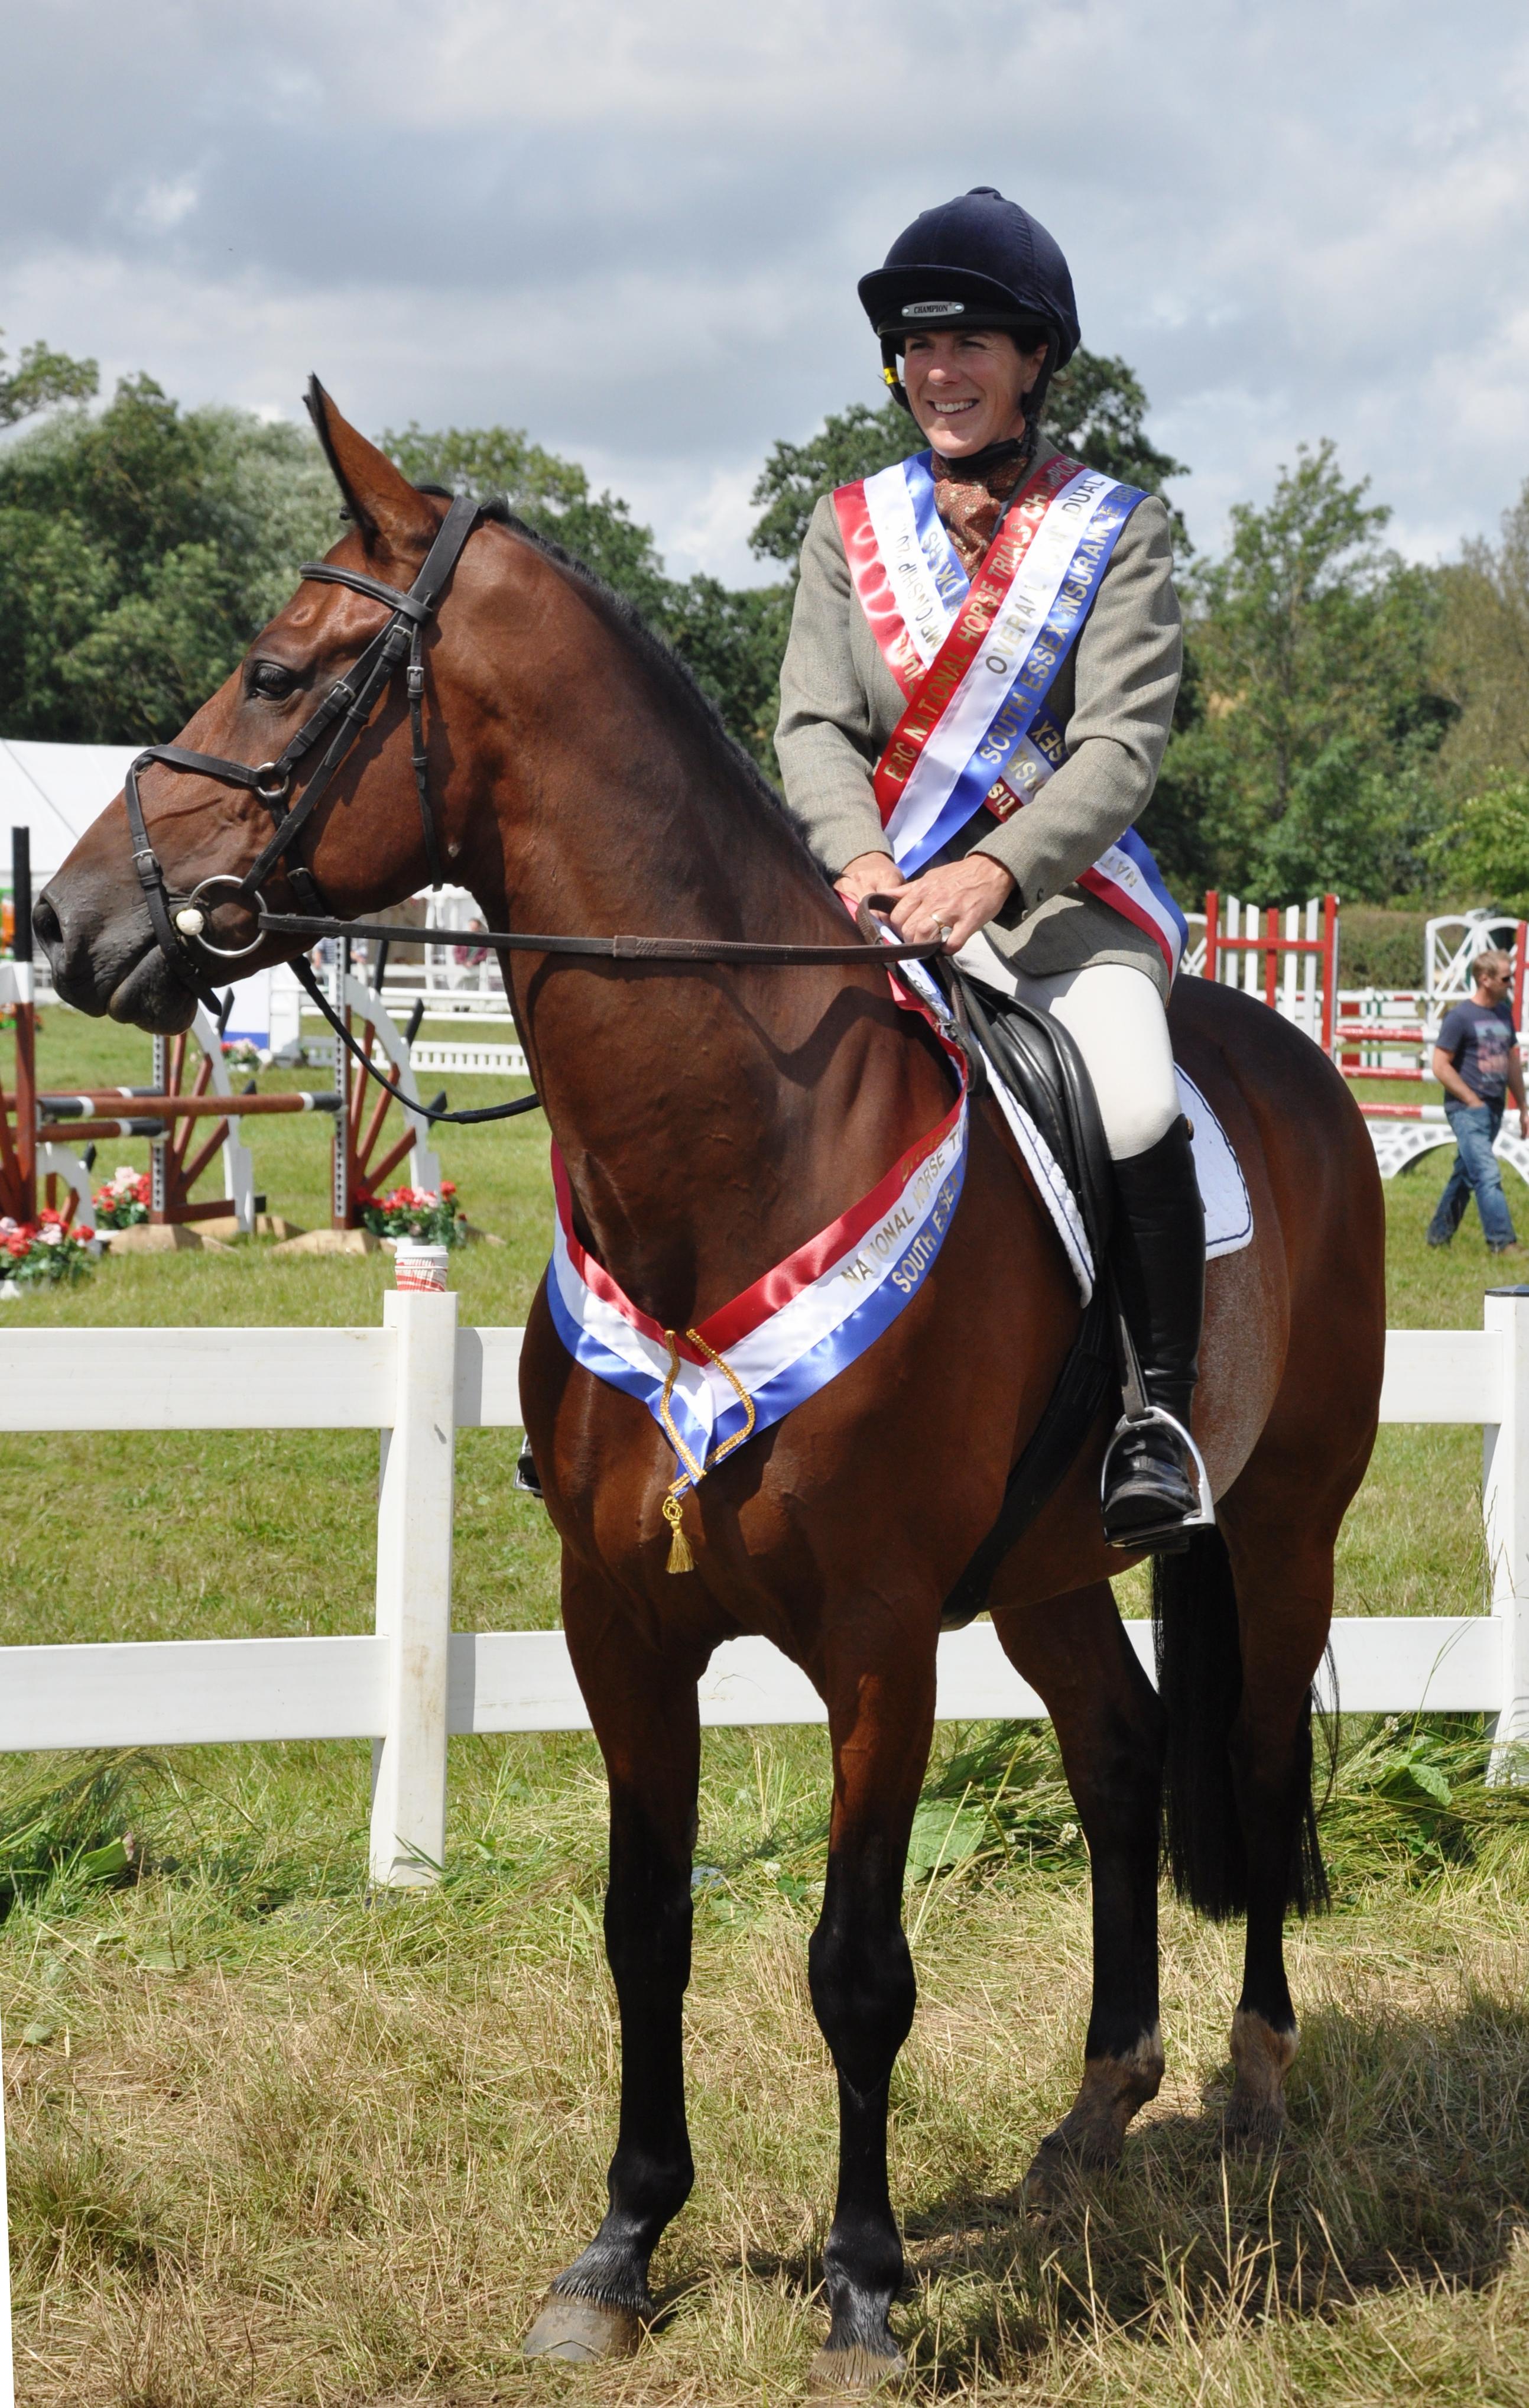 2012 BRC Horse Trials Champions